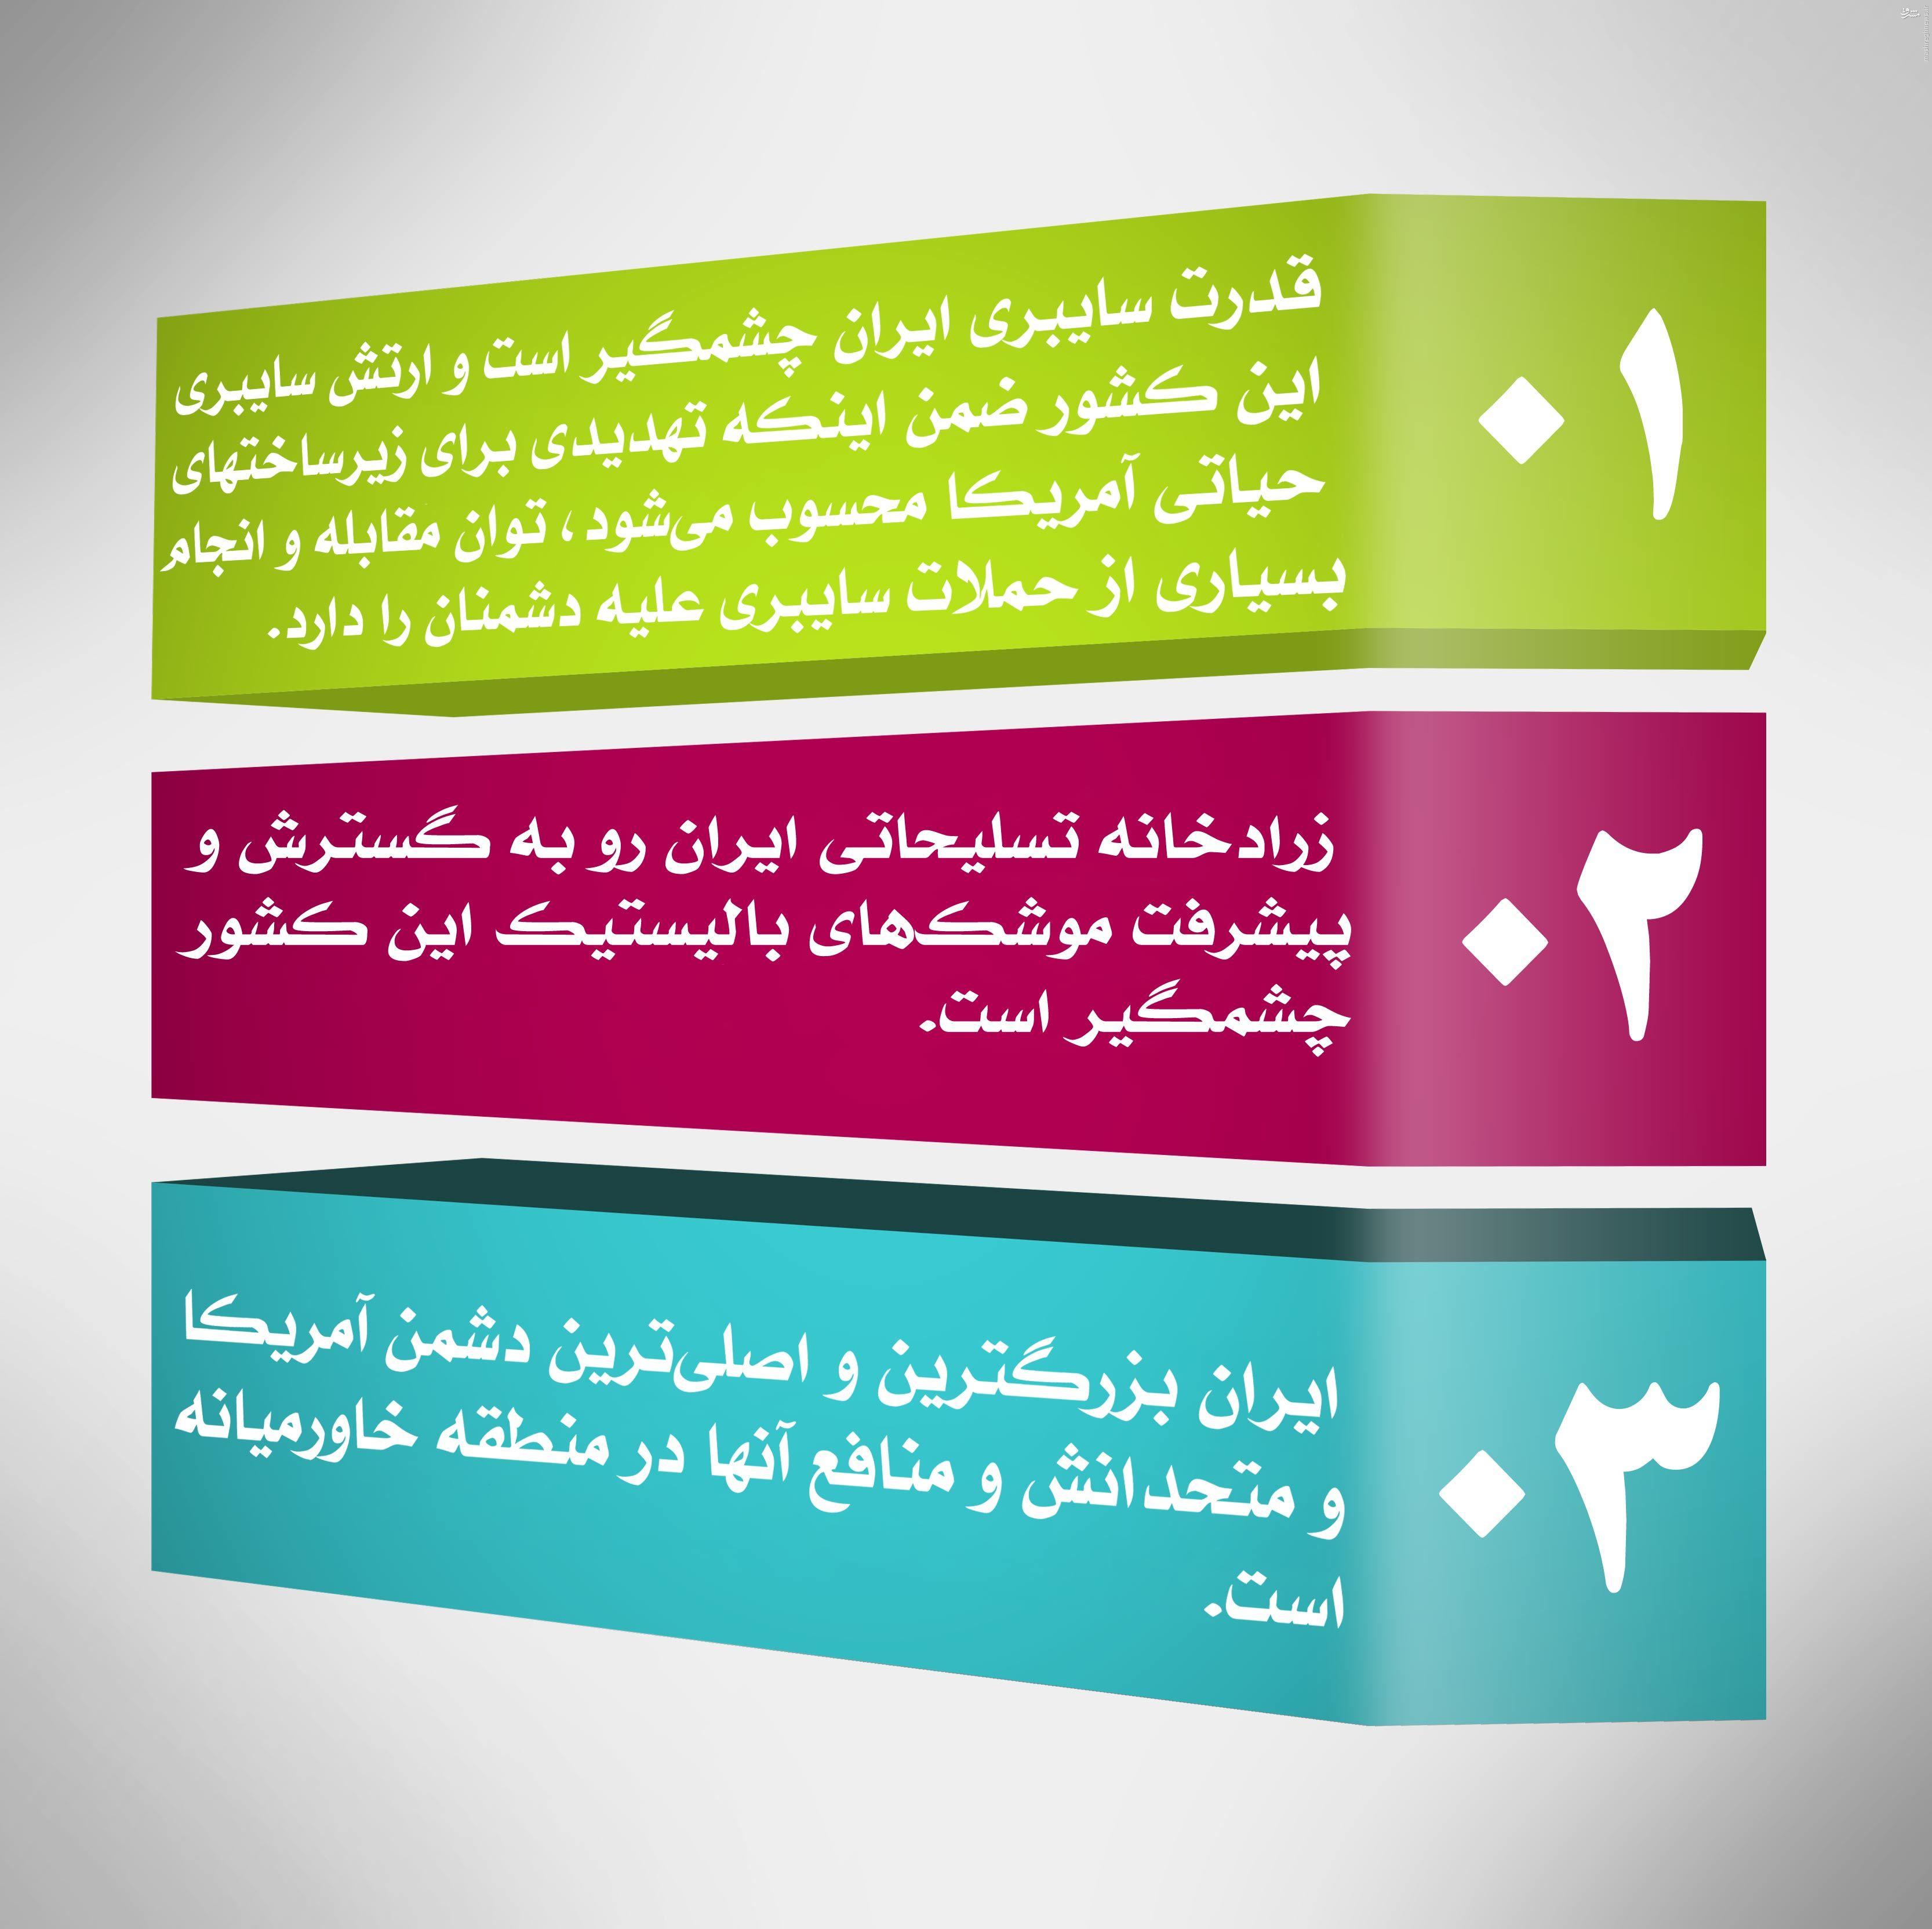 ایران پسا توافق خطر بزرگی برای آمریکا است / توافق هستهای راه تبدیل شدن ایران به قدرت منطقه را باز کرد /// آماده جهت ملاحظه ///